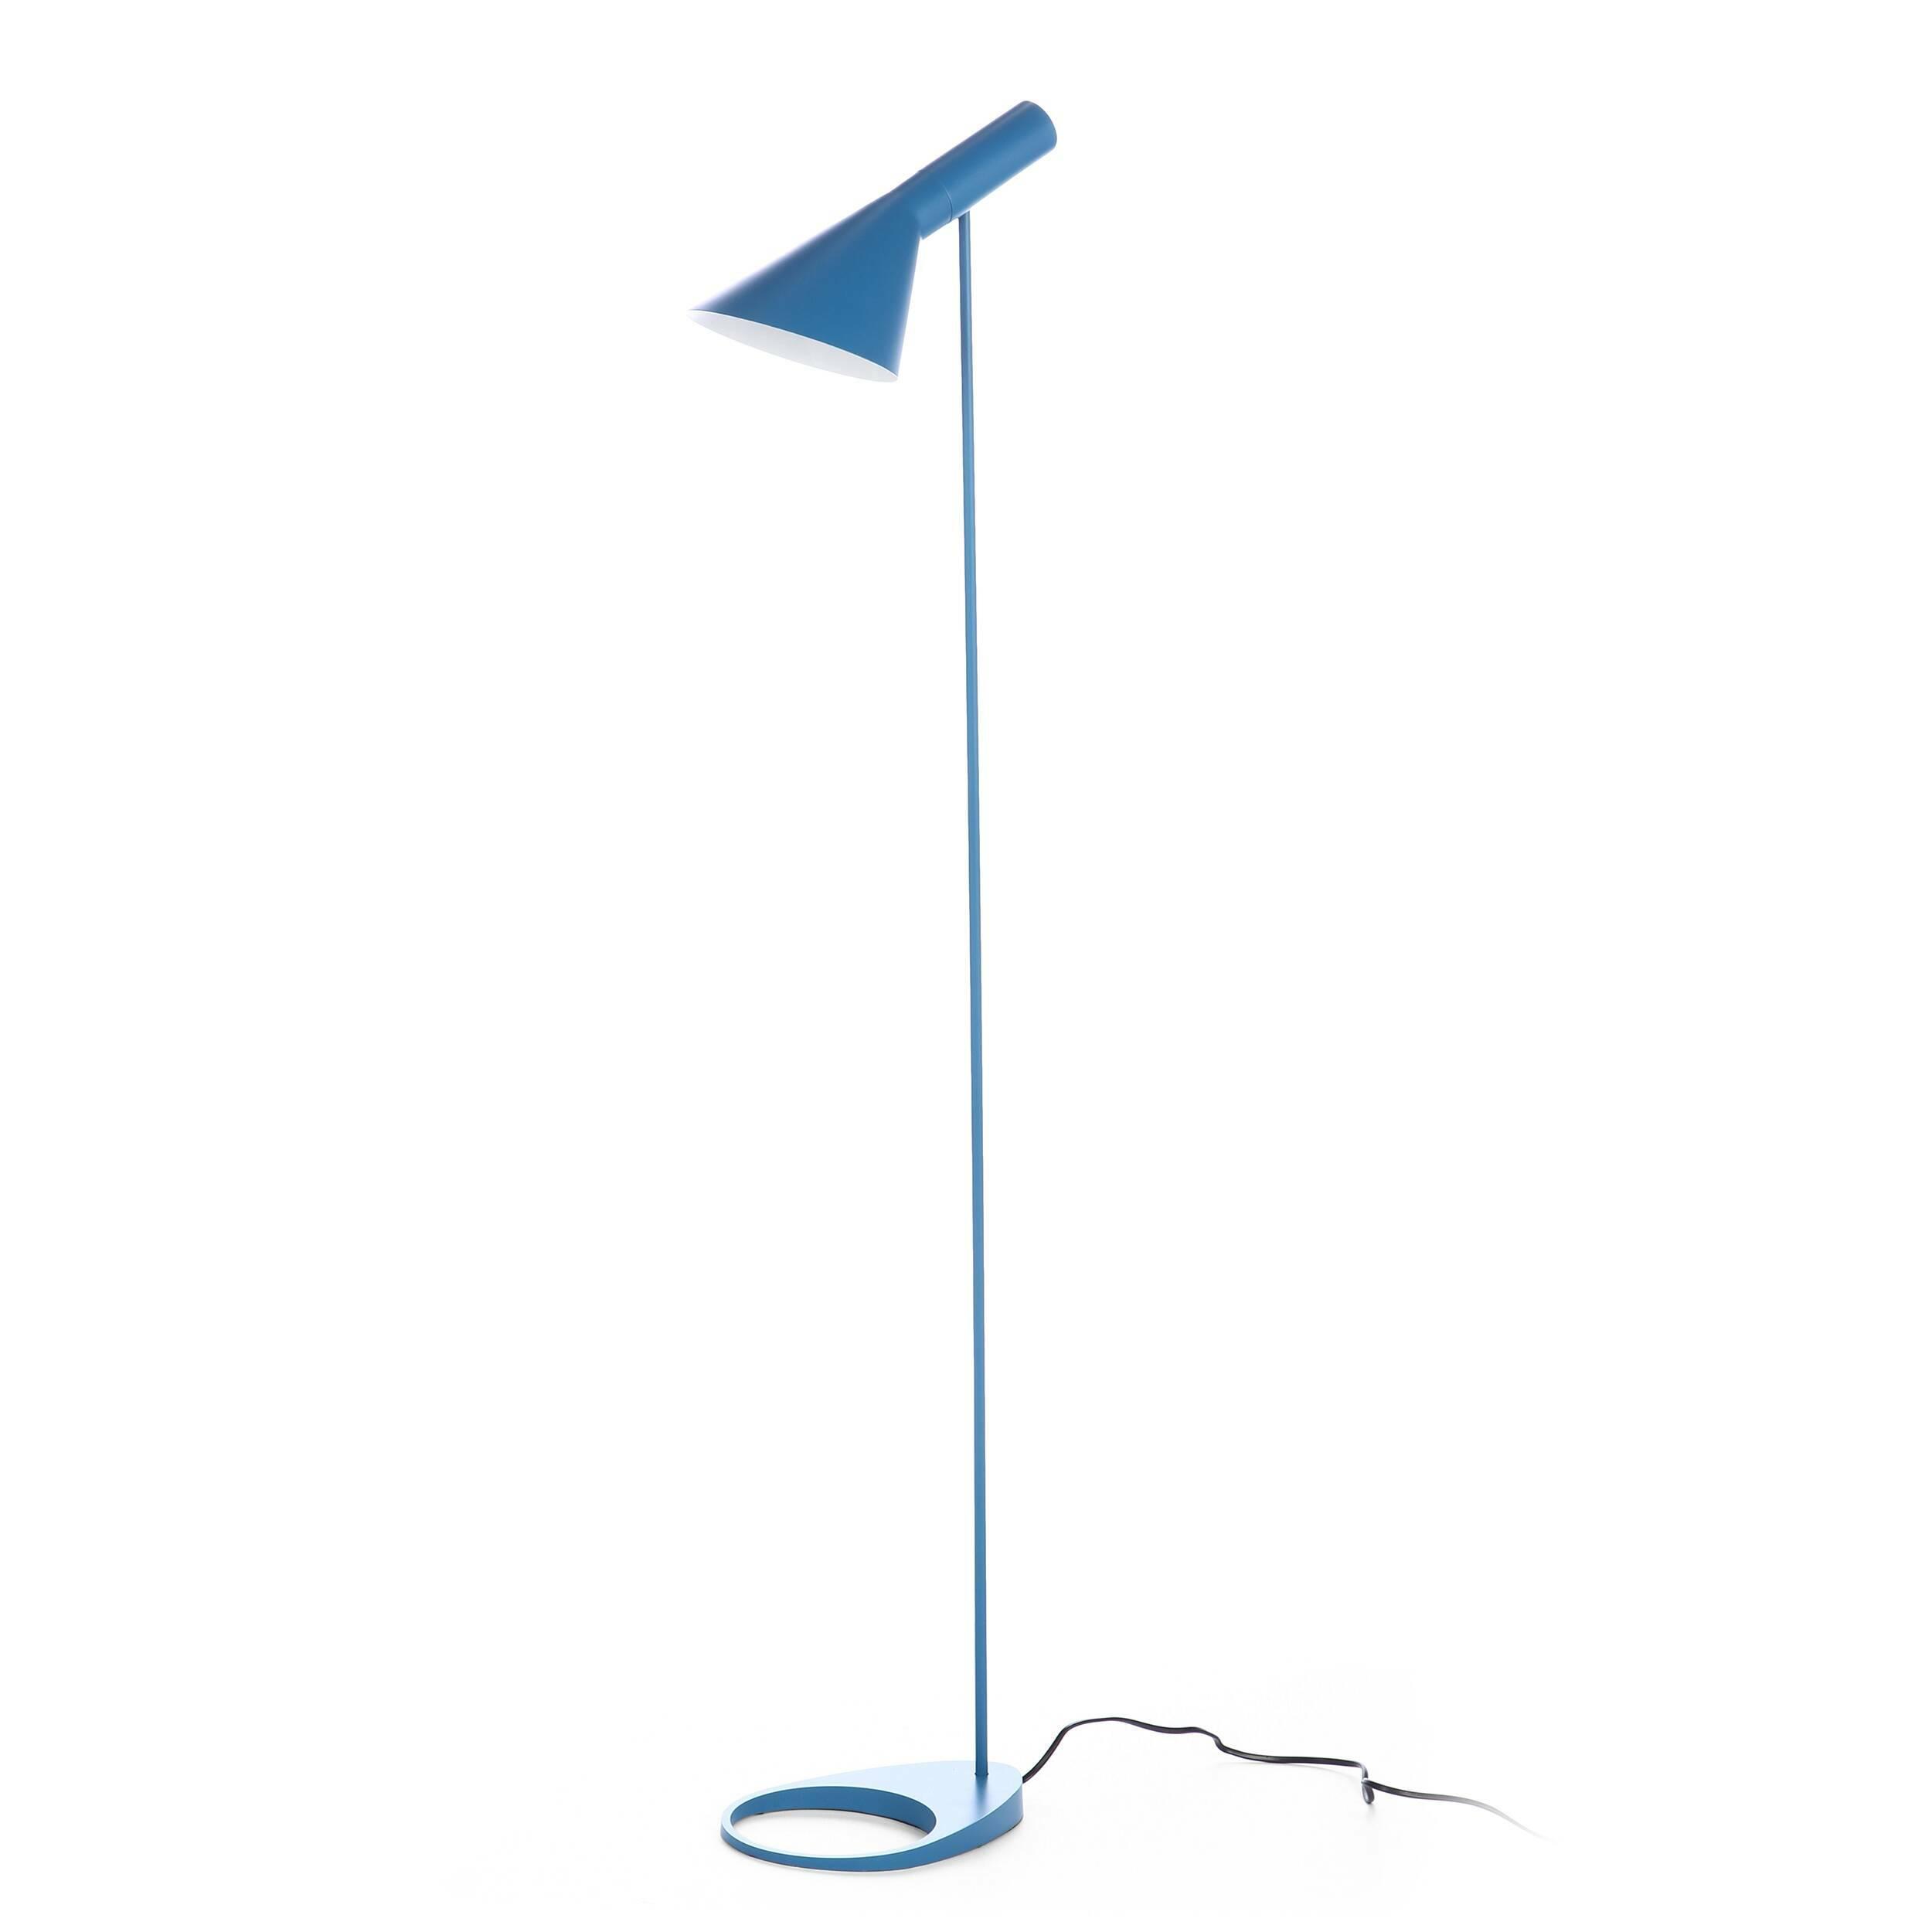 Напольный светильник AJ 1Напольные<br>Датский архитектор Арне Якобсен, чьи проекты получили мировое признание, в середине прошлого века стал разрабатывать предметы интерьера. Основное направление его деятельности — стиль хай-тек.<br><br><br> Замечательное творение автора — это напольный светильник AJ 1. Тонкая длинная ножка позволяет устанавливать его в гостиных и столовых, в спальнях и детских комнатах. Небольшая плоская основа надежно удерживает общую конструкцию и не позволяет светильнику опрокинуться. Светильник может занять с...<br><br>stock: 0<br>Высота: 130<br>Ширина: 32,5<br>Диаметр: 12,5<br>Материал абажура: Сталь<br>Напряжение: 220<br>Цвет абажура: Синий матовый